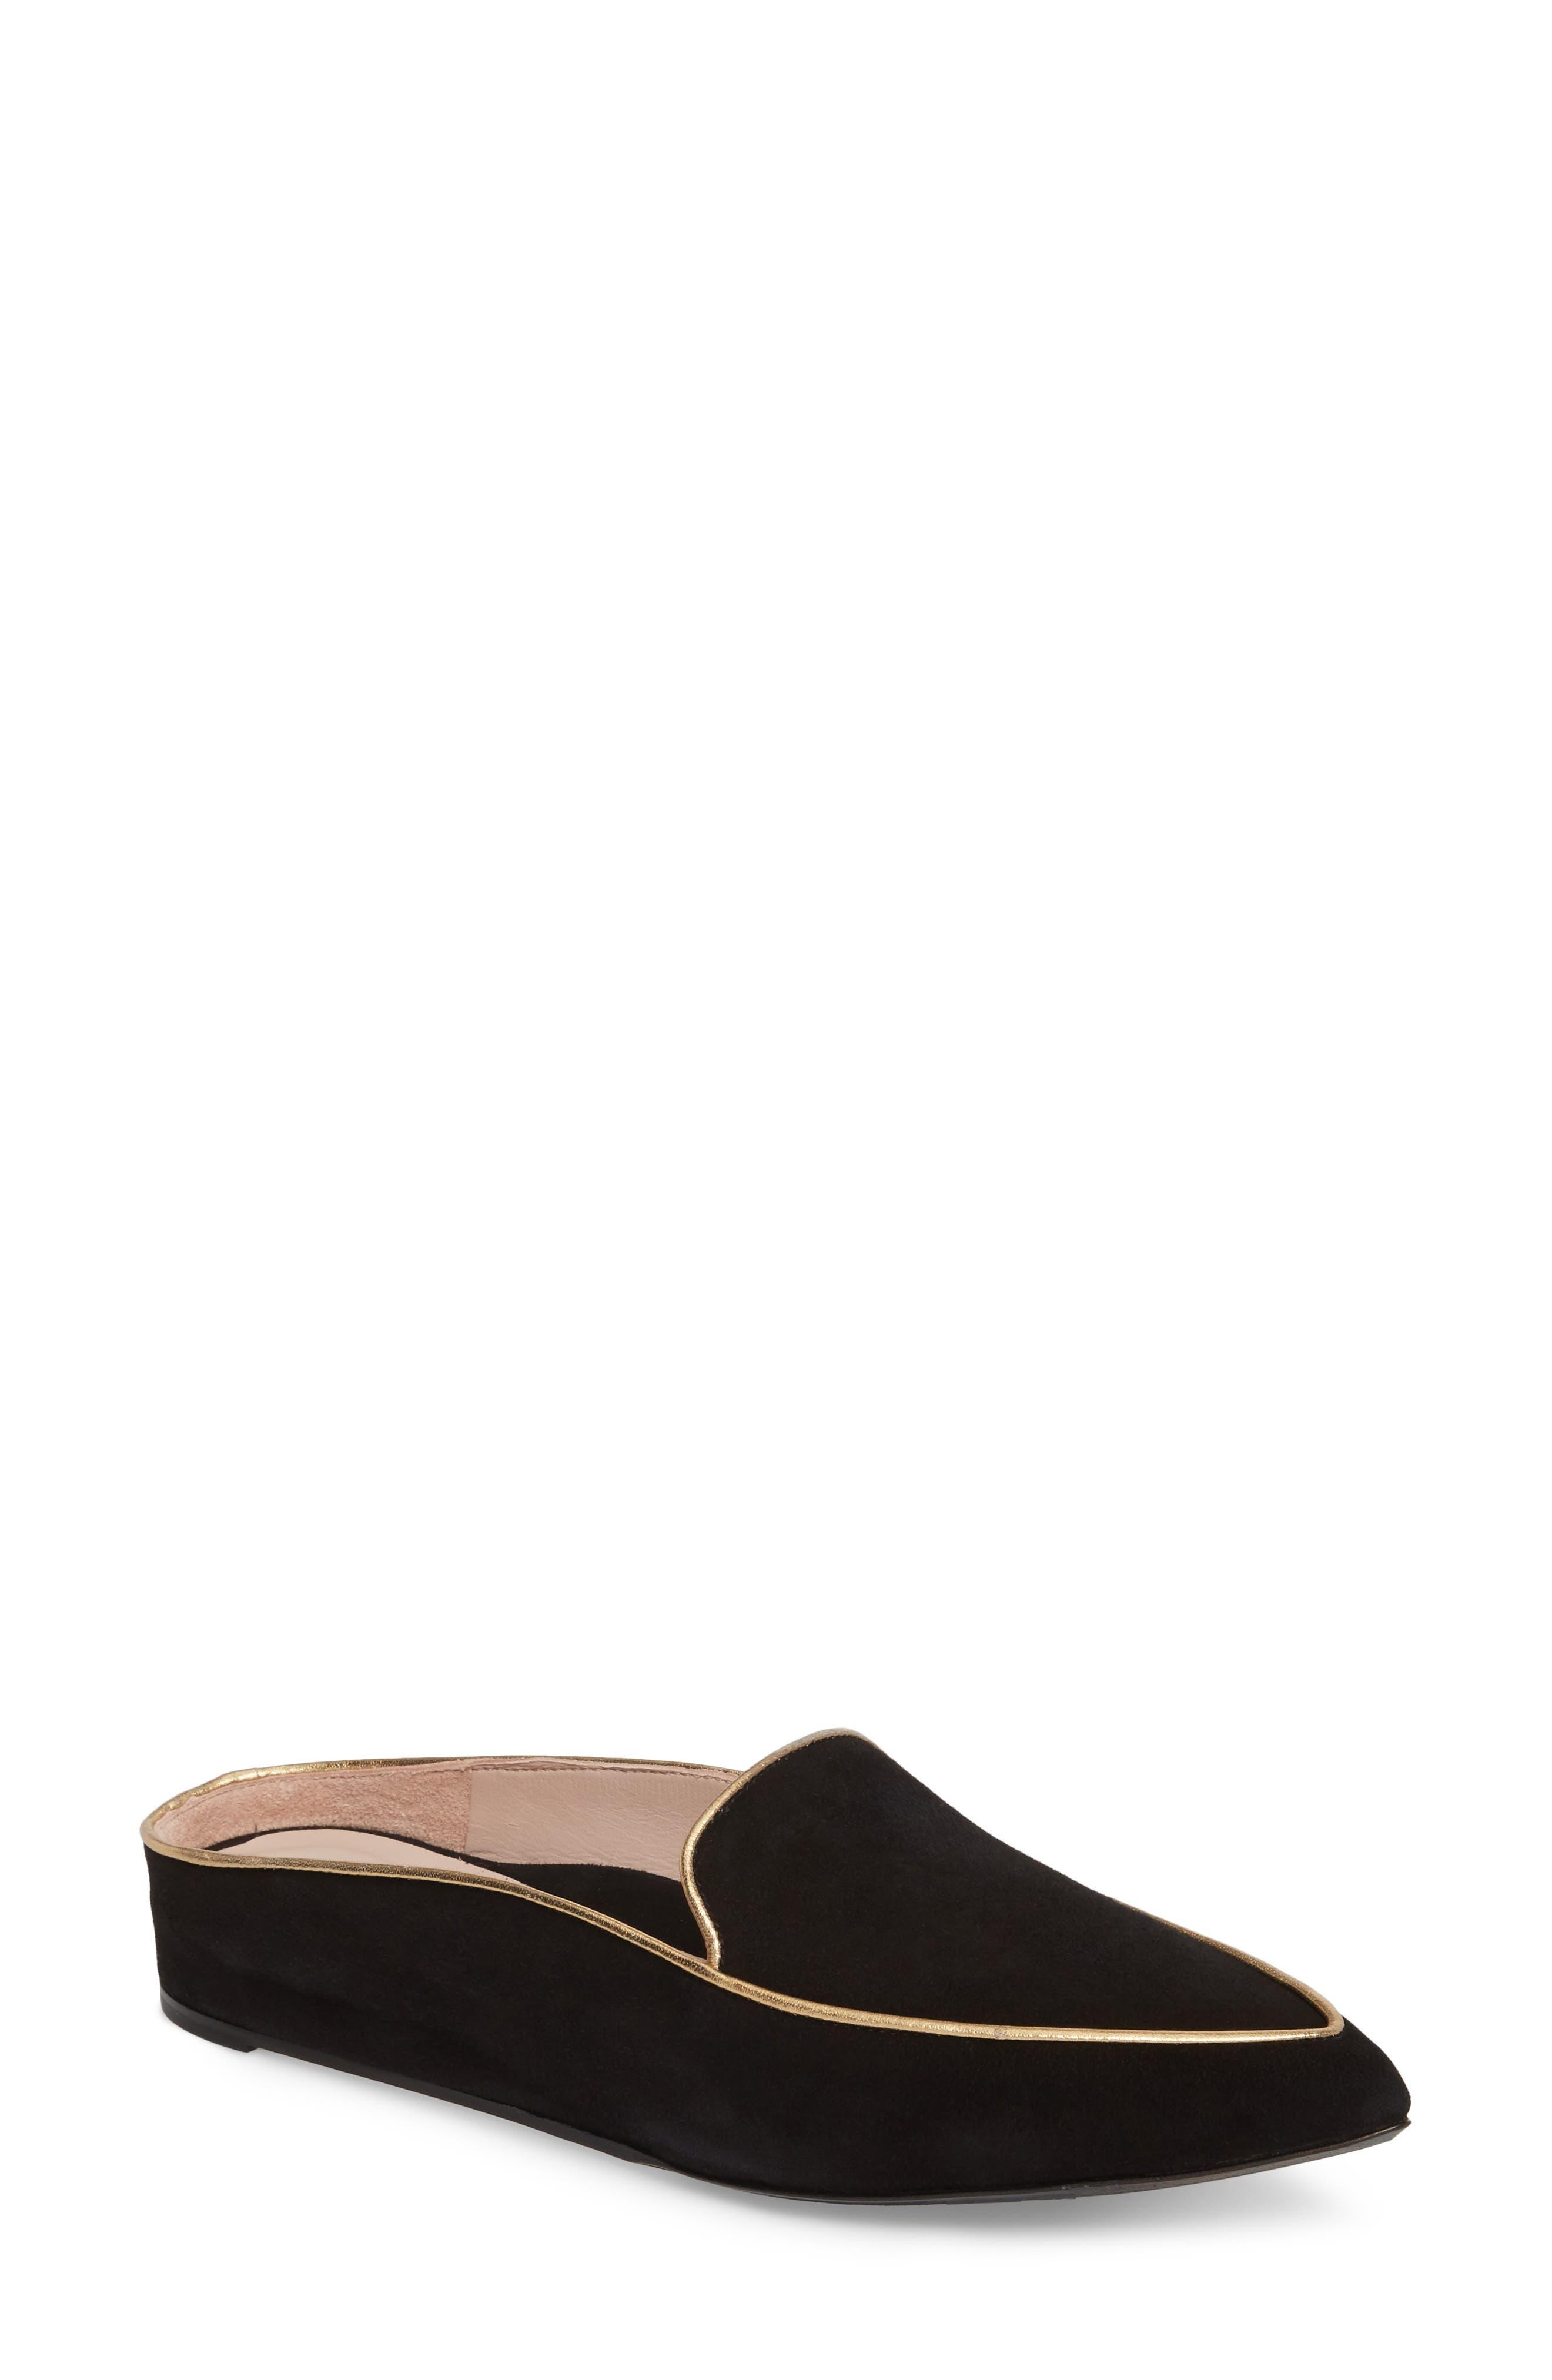 Taryn Rose Renatta Mule,                         Main,                         color, Black/ Black Leather